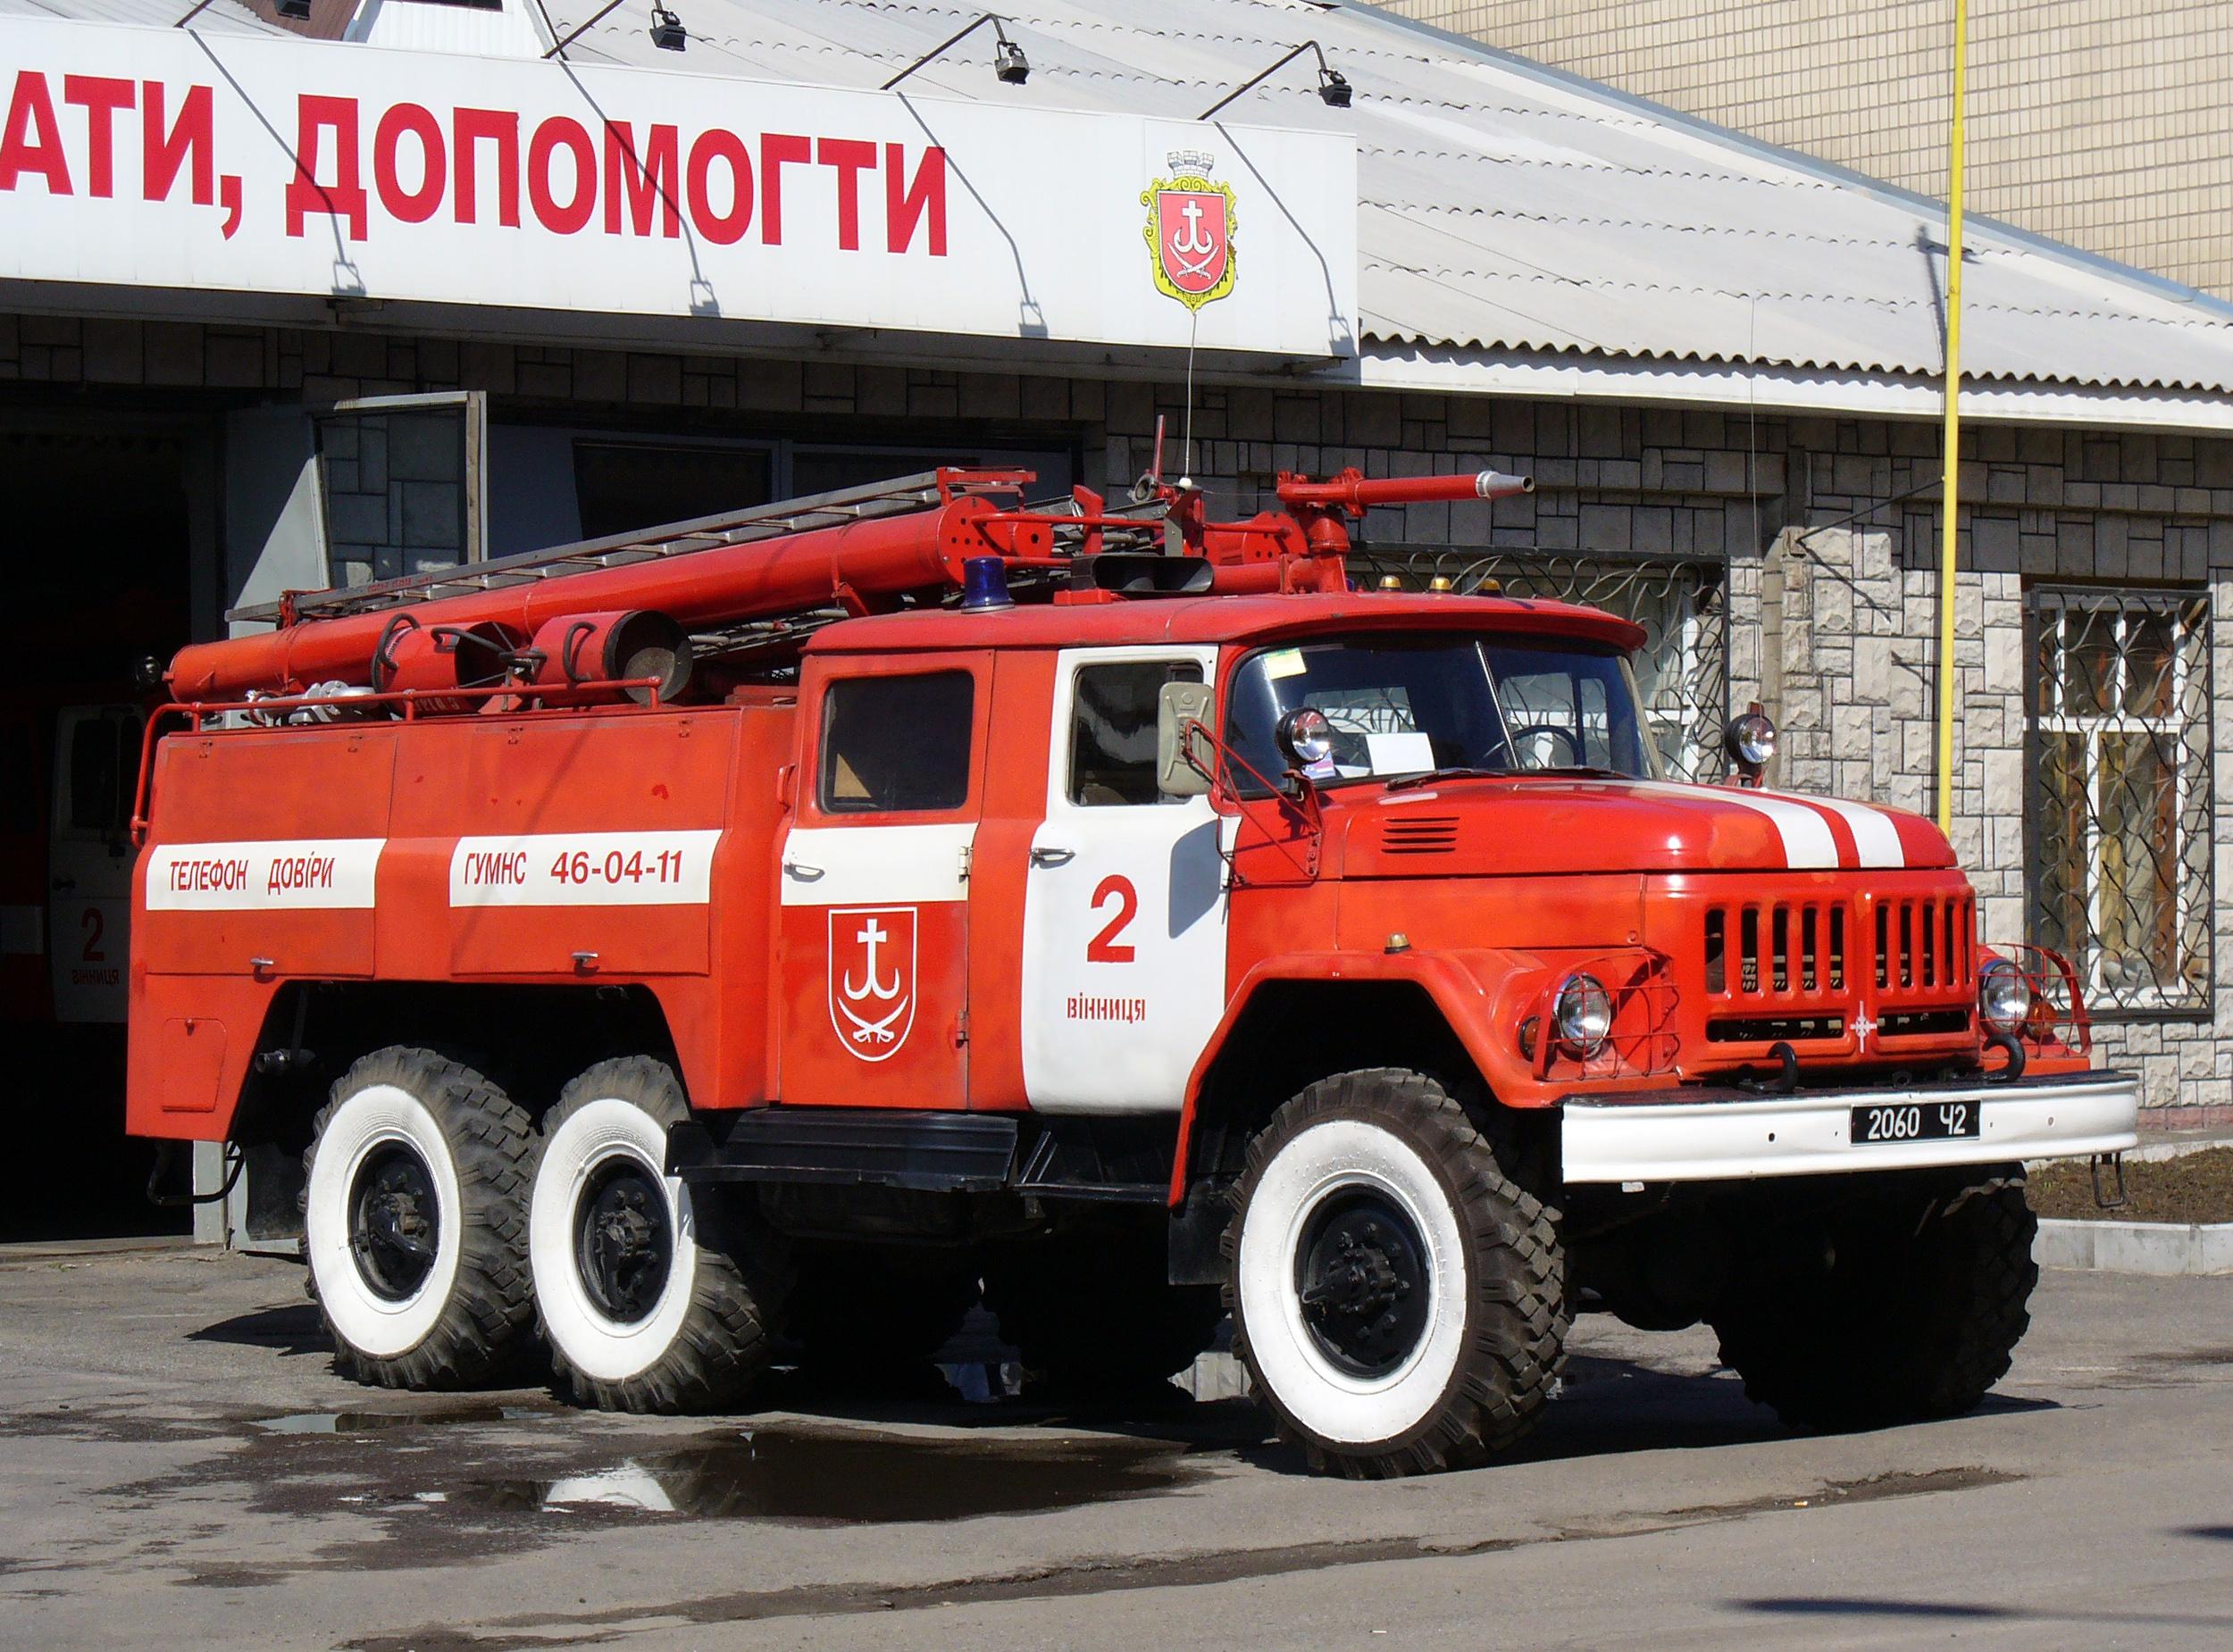 Российские пожарные на страже общественного порядка реферат 5708